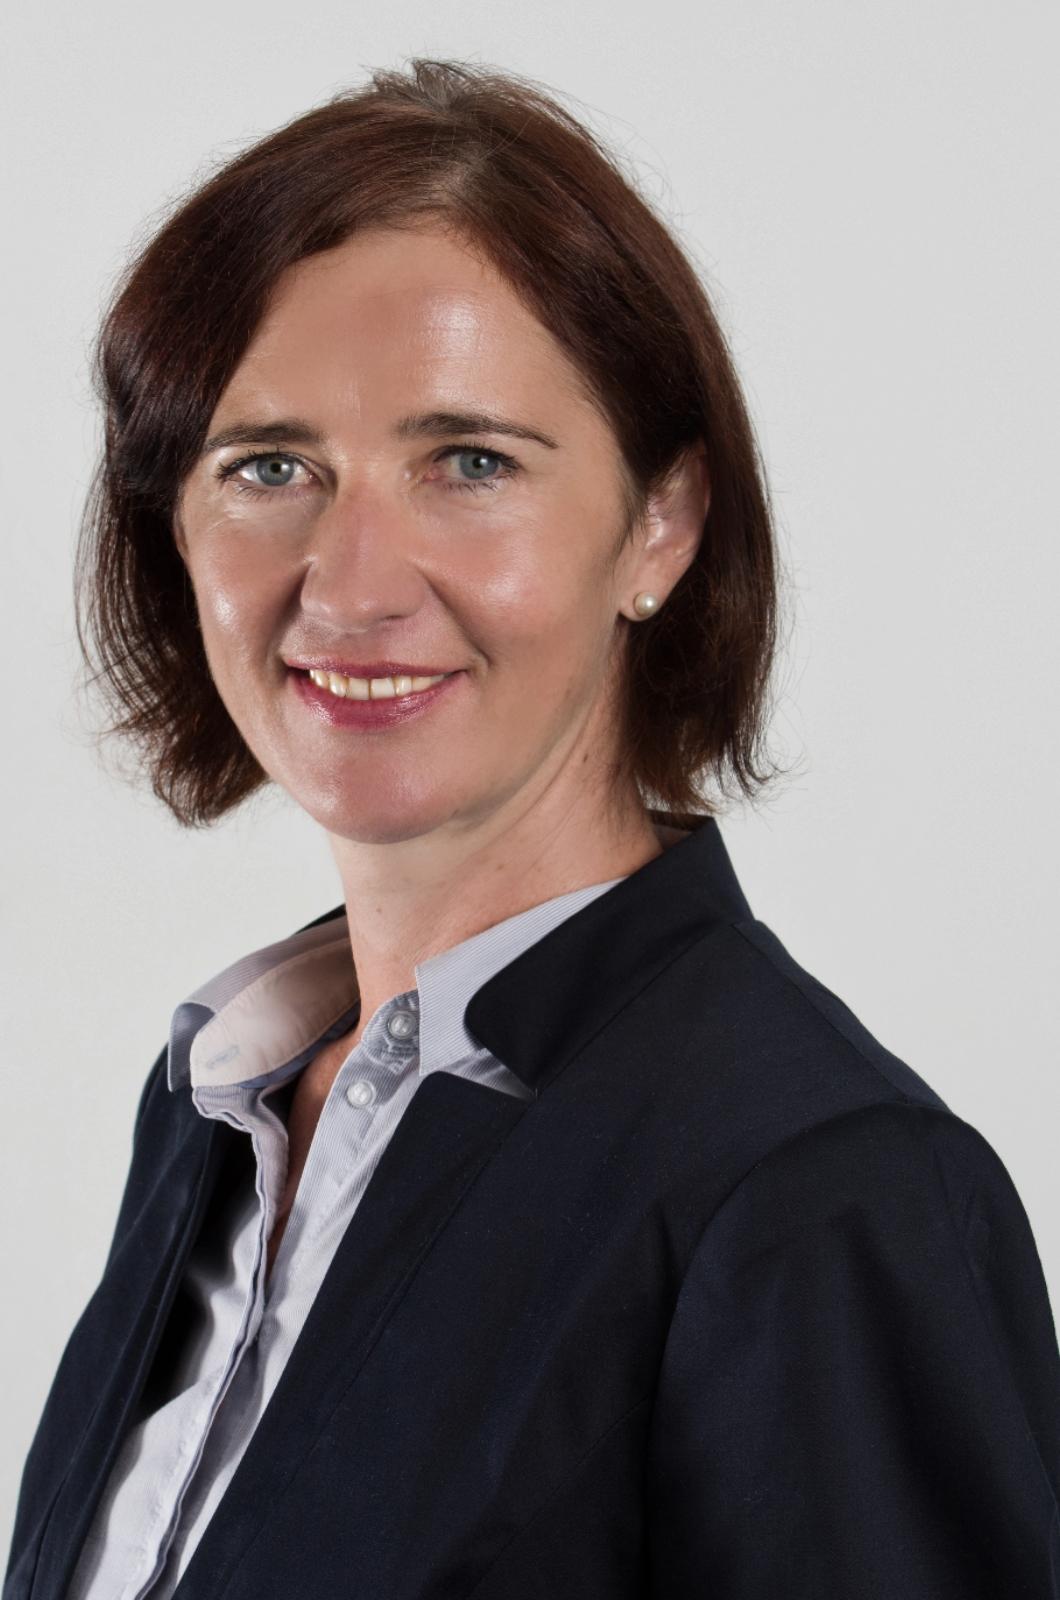 Sandra Jerie